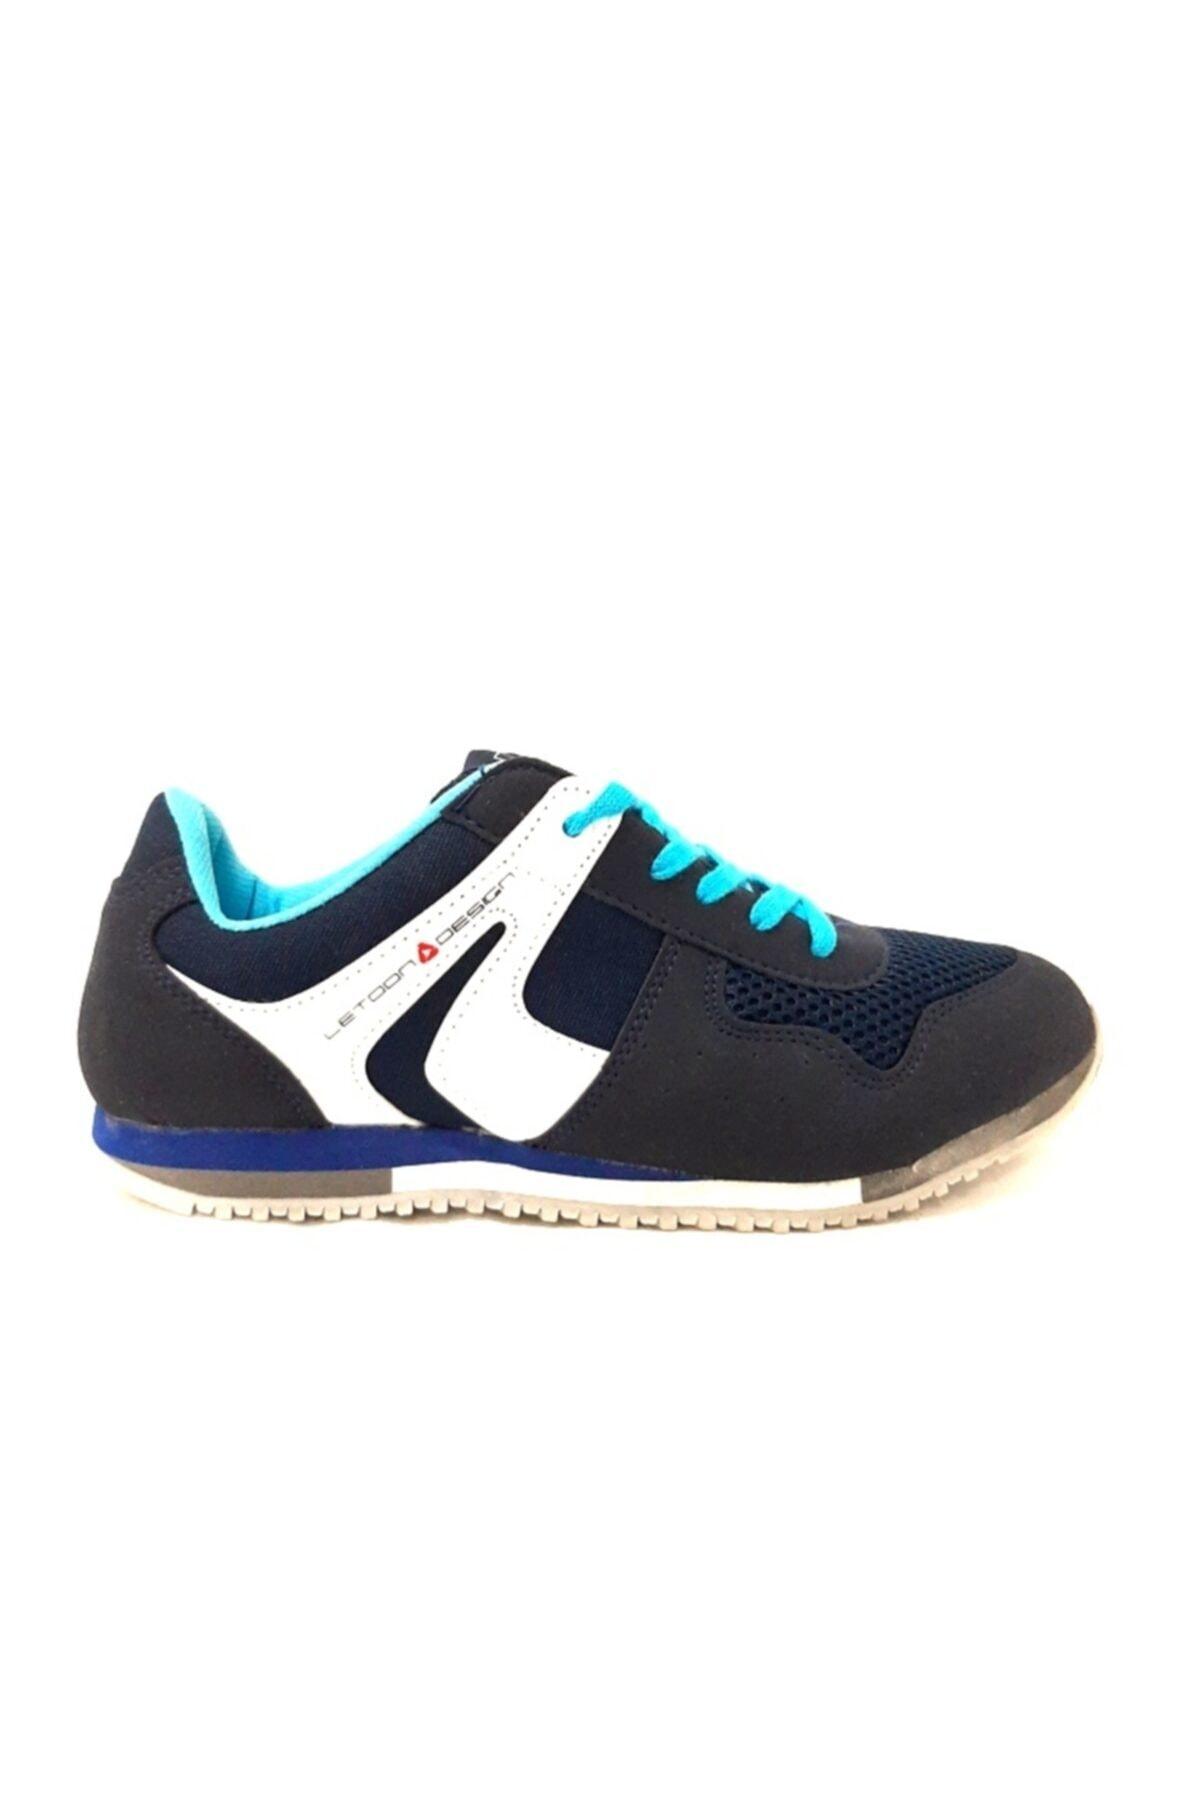 LETOON Antibakteriel Comfort Erkek Spor Ayakkabı 1